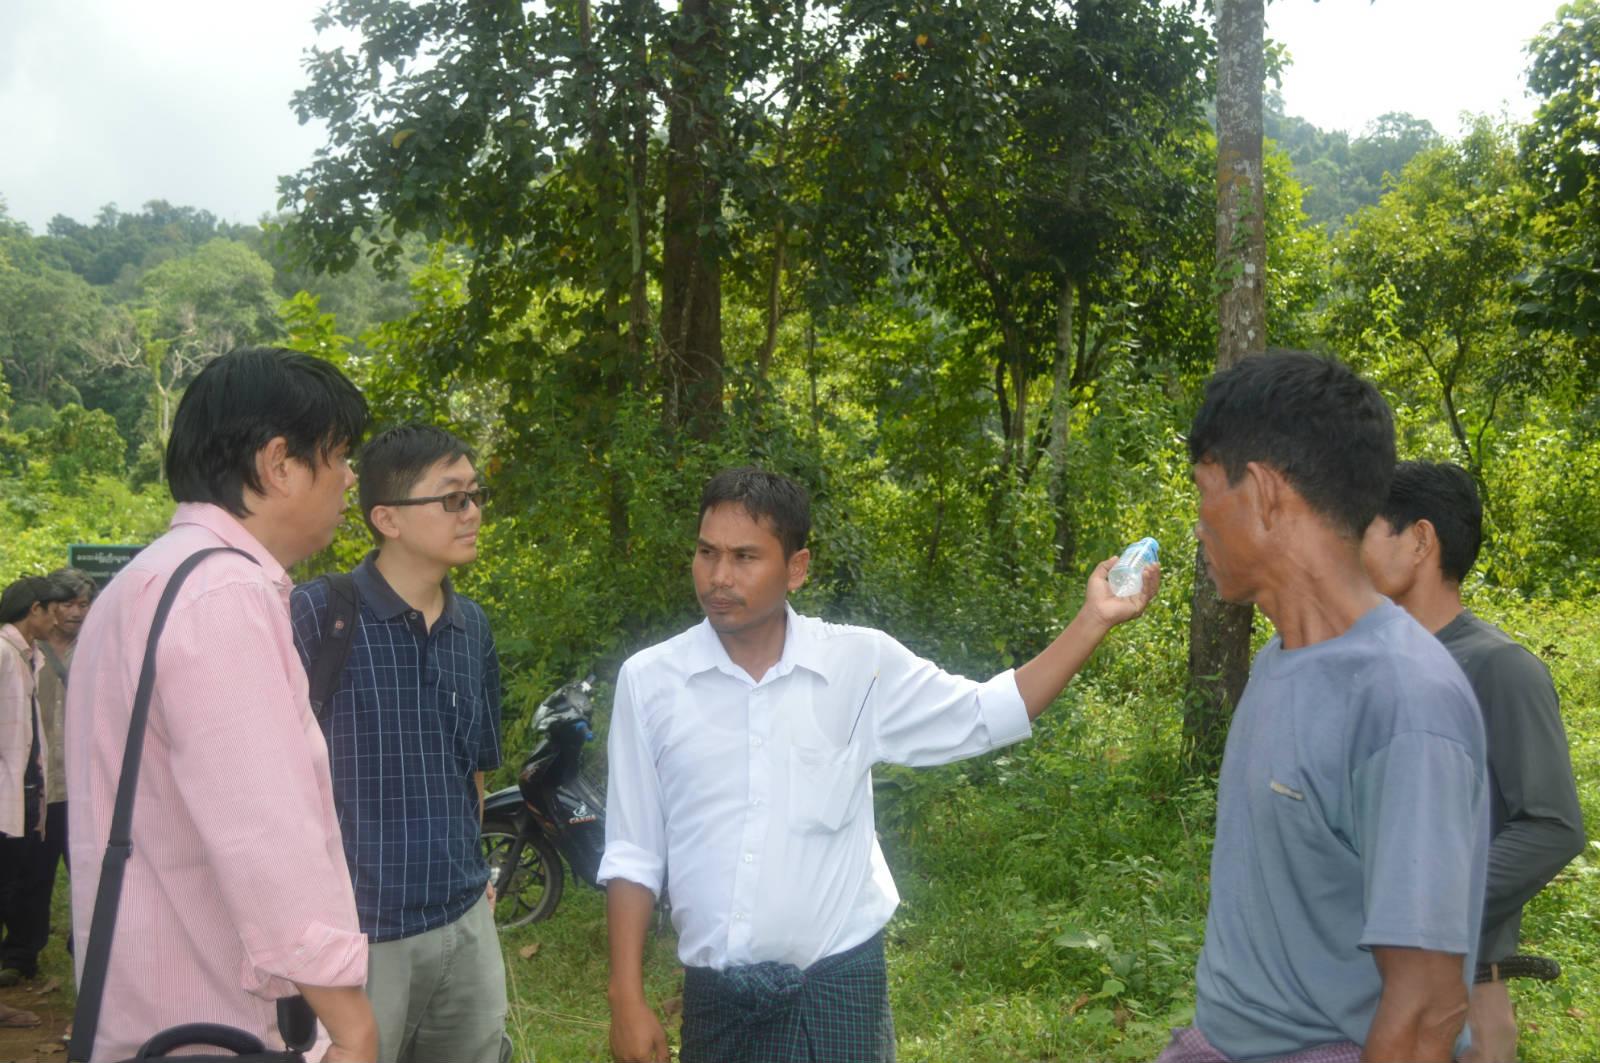 克欽邦的森林用戶小組成員介紹社區森林的管理情況。